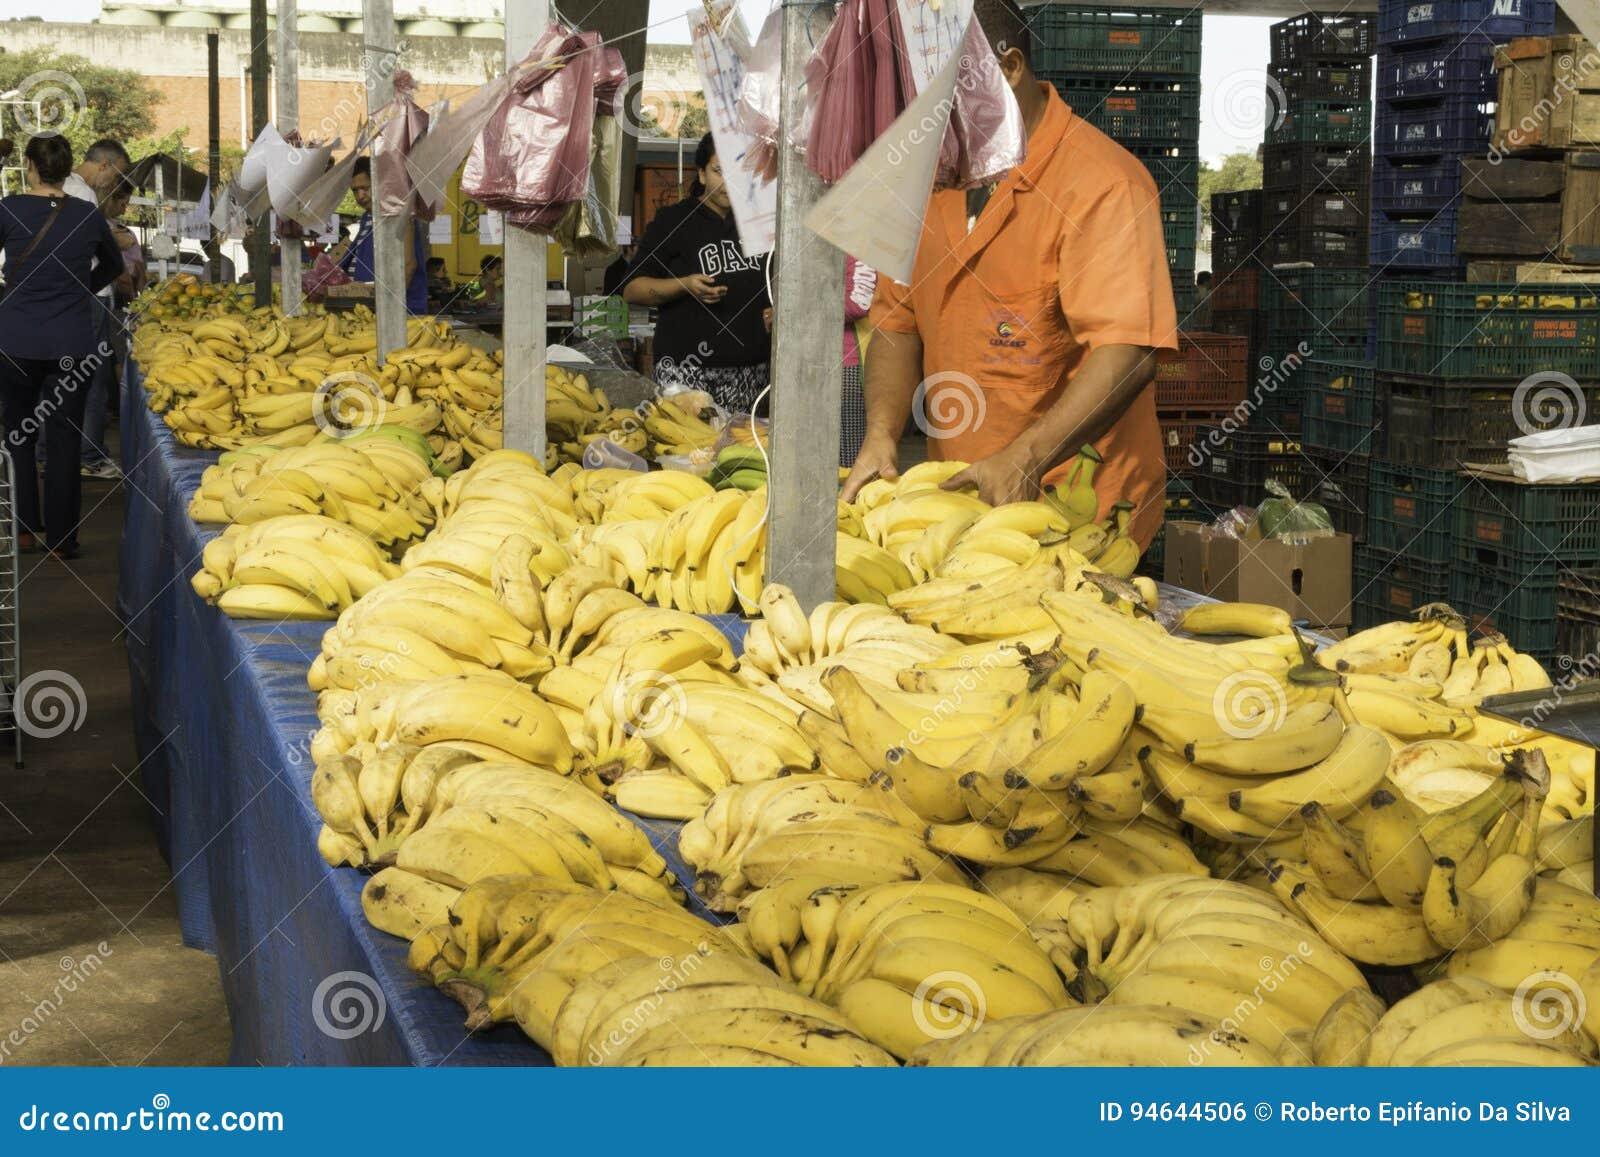 Verse vruchten en verse groenten direct van de landbouwbedrijven